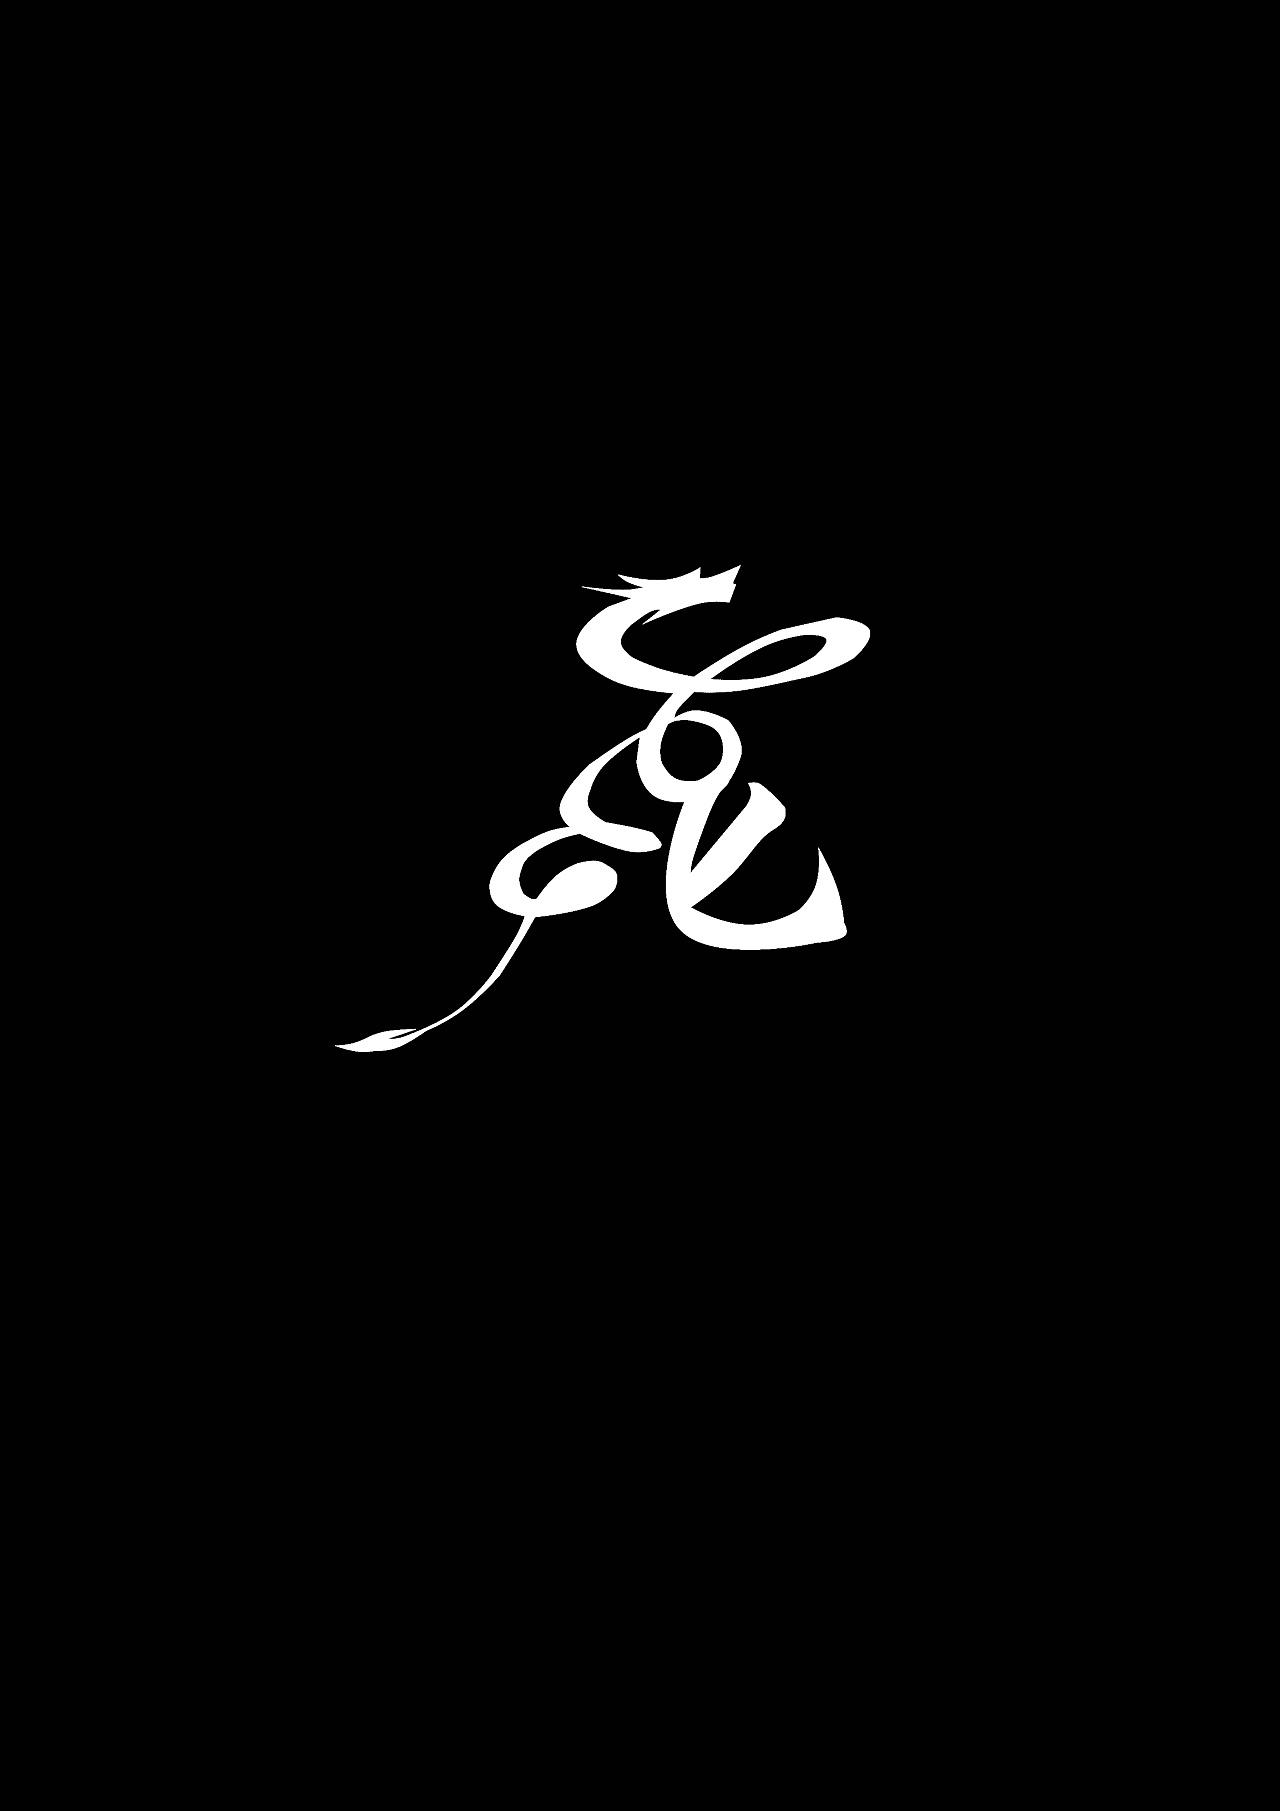 十二生肖字体设计 平面 字体/字形 aeiherumuh - 原创图片